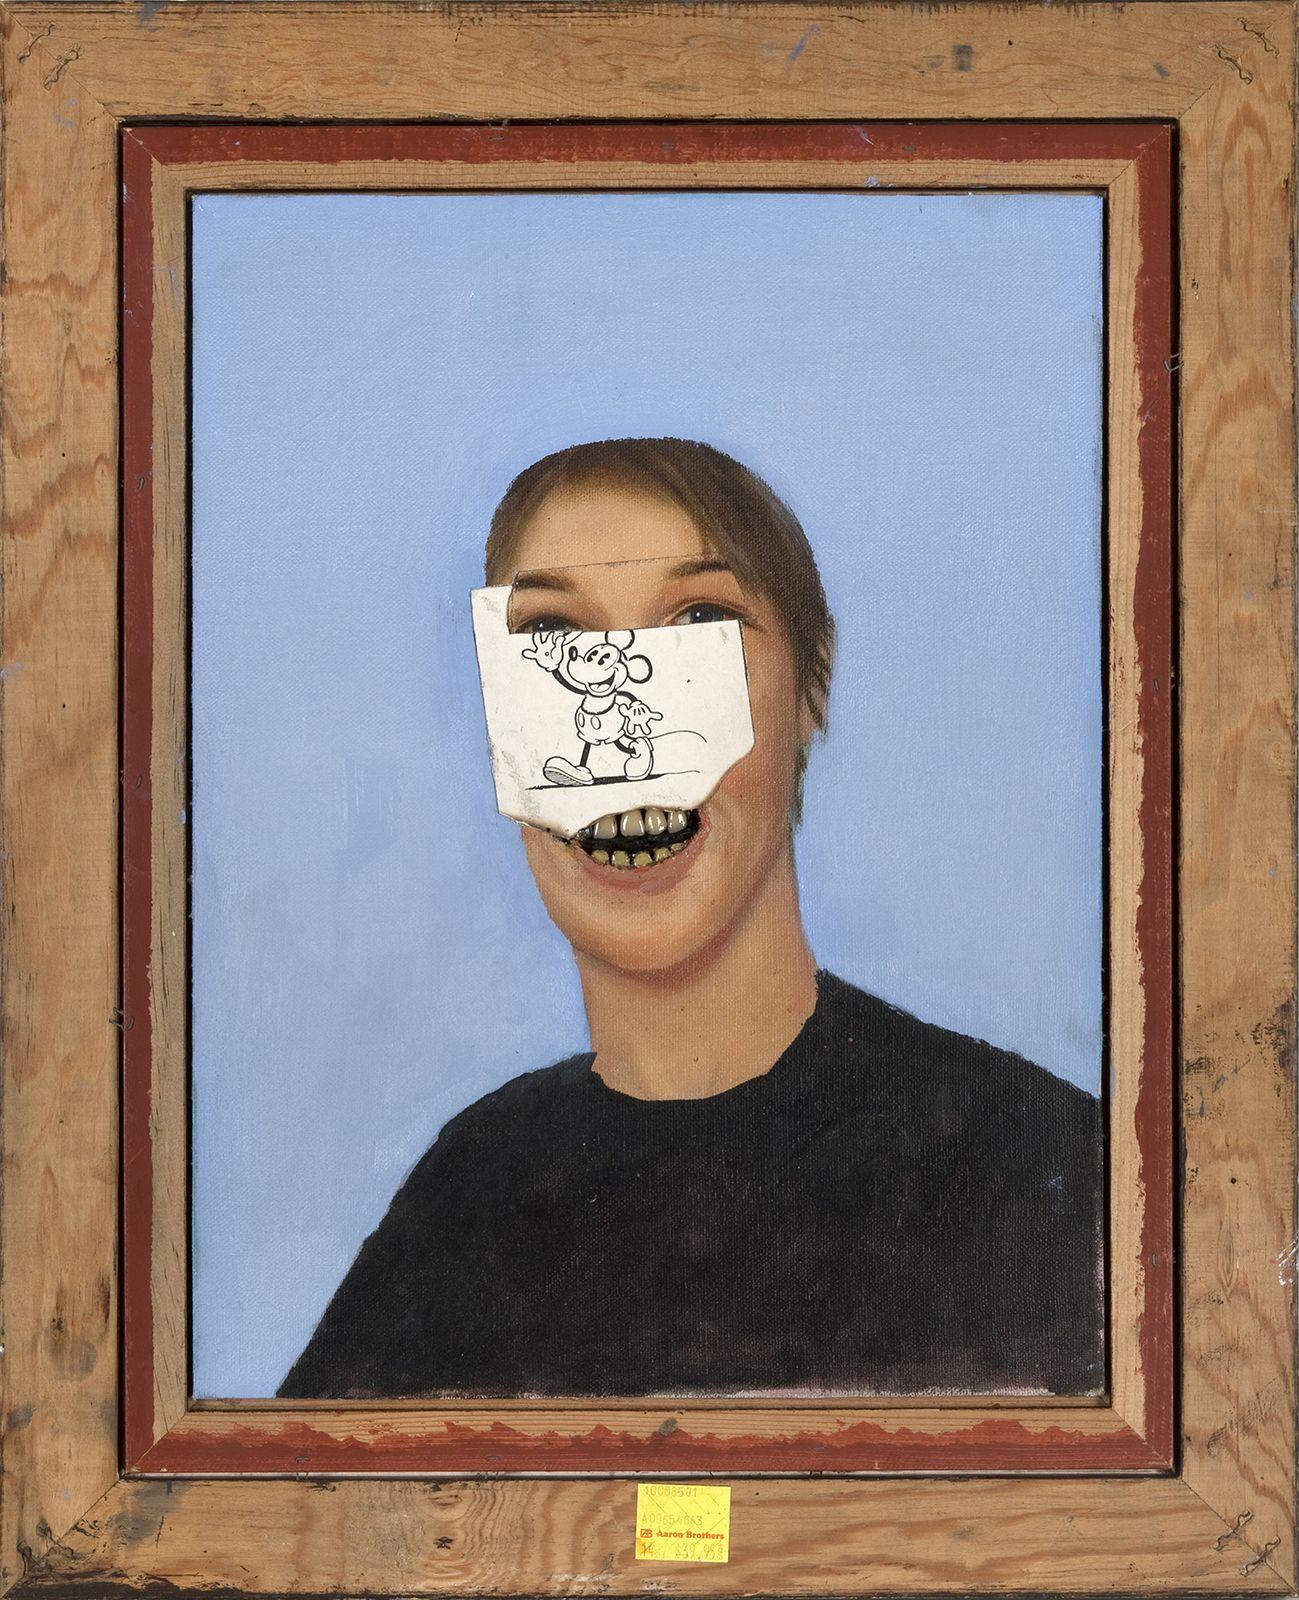 Ha Ha Ha (2011)